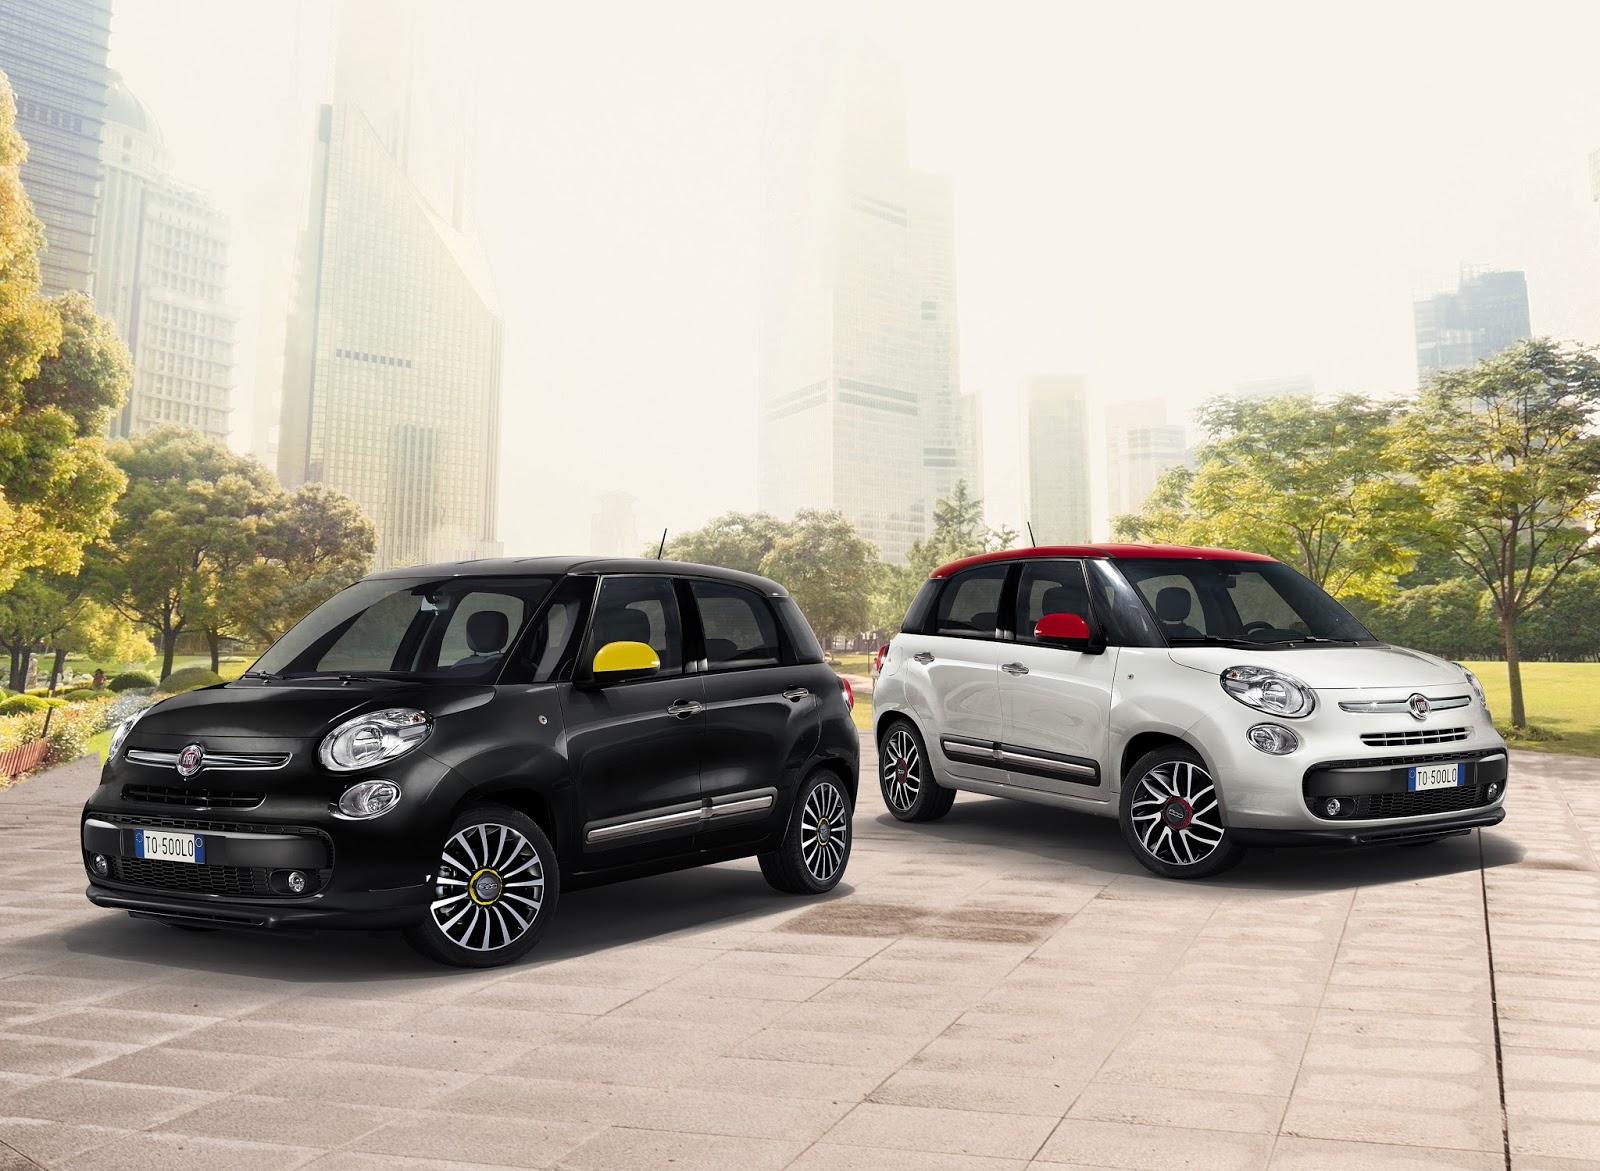 150918 Fiat 500L 01 Η Fiat με όλα τα μέλη της οικογένειας της, στην έκθεση αυτοκινήτου 2016 στο Παρίσι autoshow, Fiat, fiat 124 spider, Fiat 500, Fiat 500 Riva, Fiat 500S, Fiat 500X